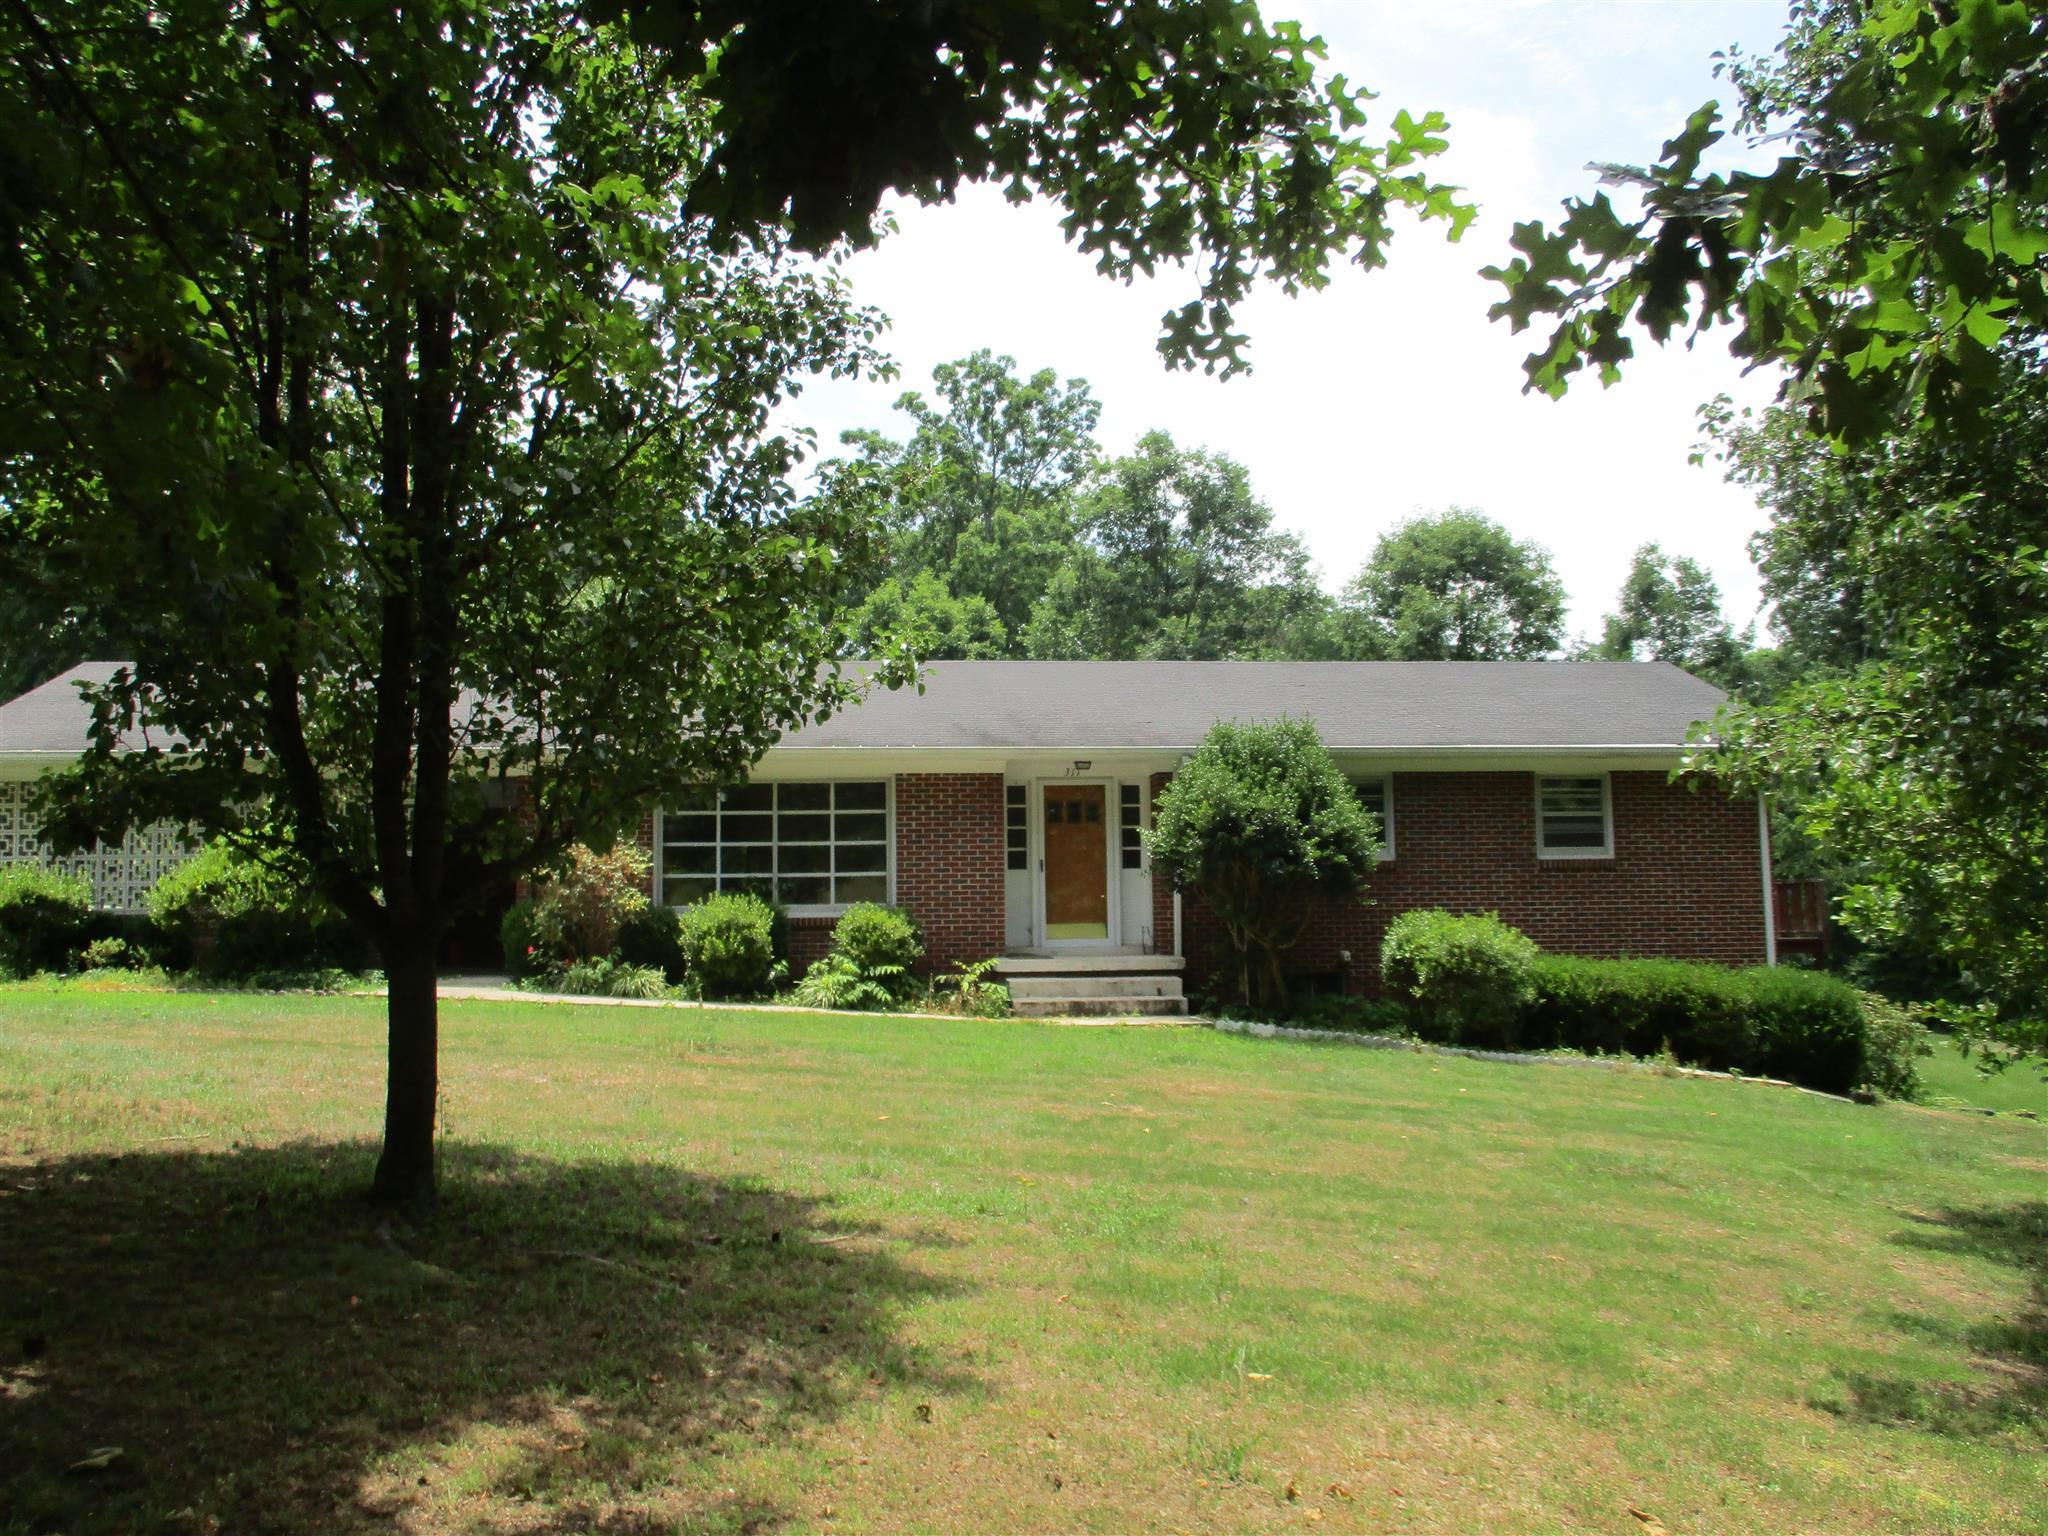 311 Virginia Dr, Lawrenceburg, TN 38464